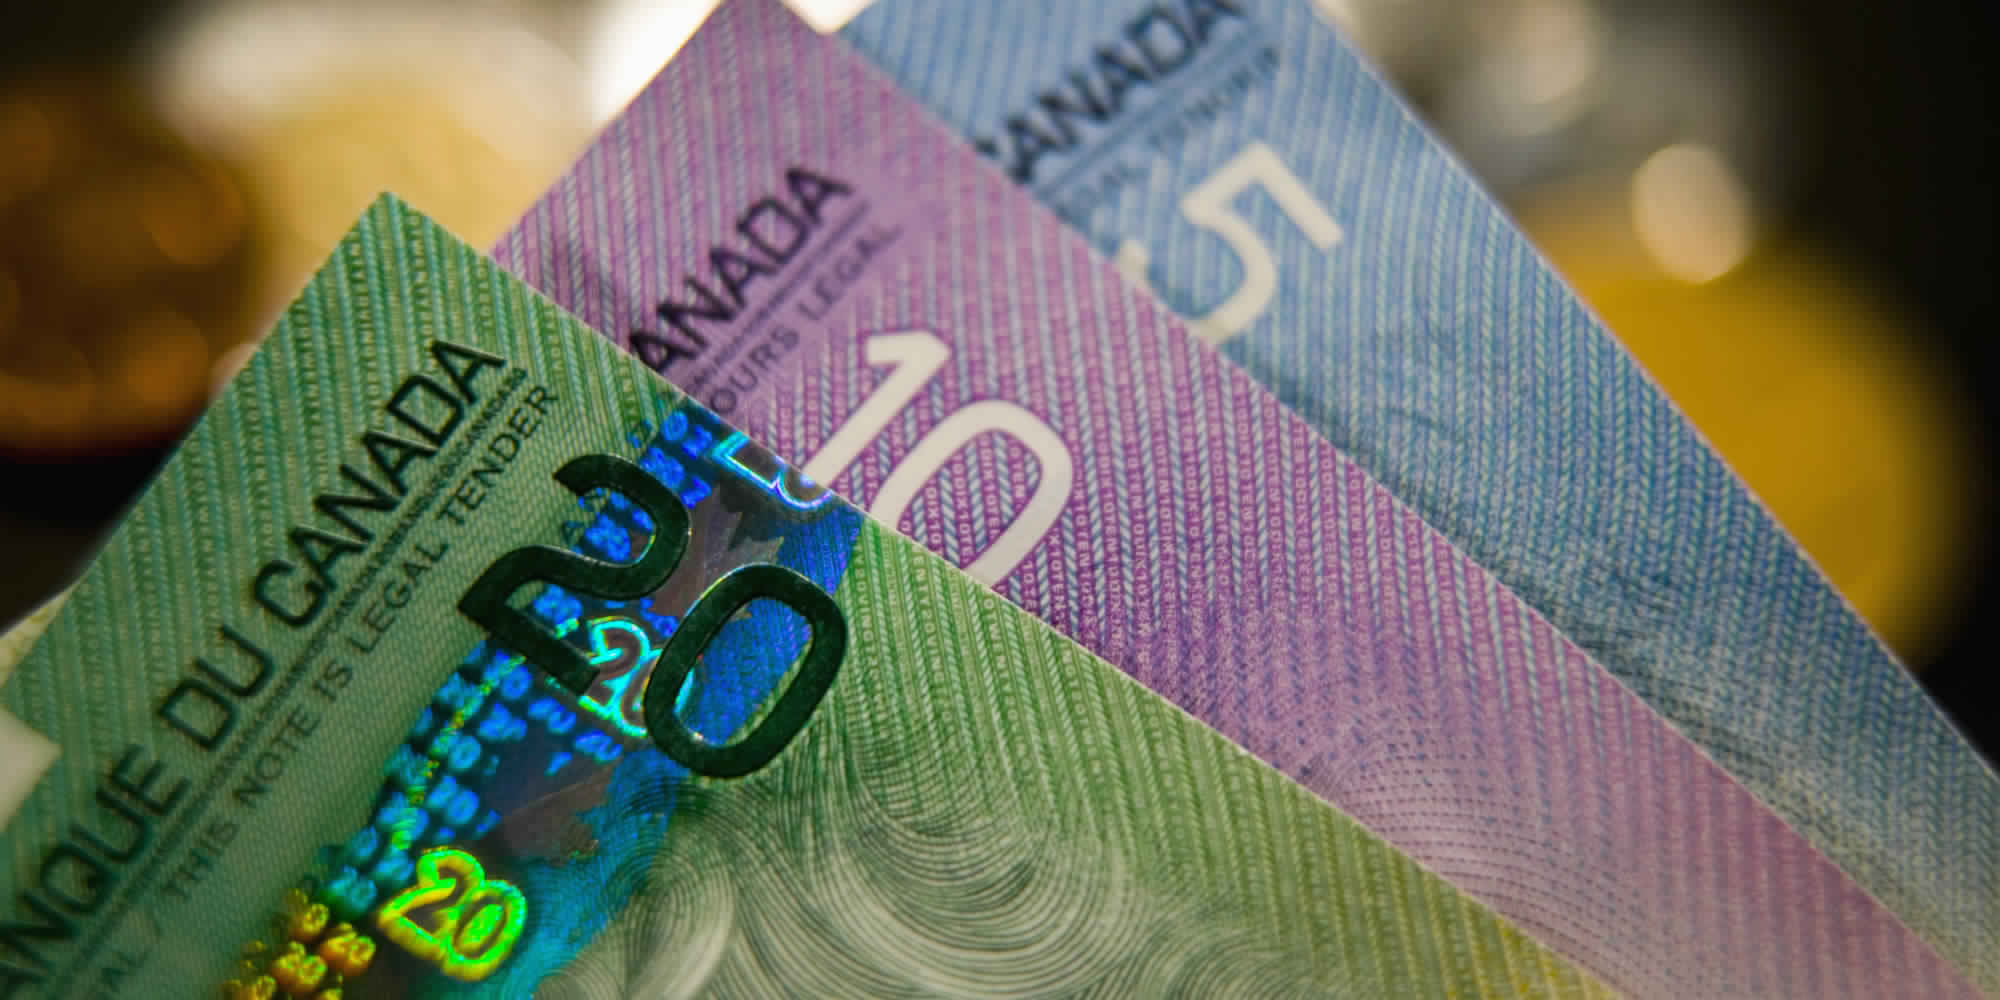 الدولار الكندي يرتفع إثر الإنخفاض القياسي لمعدل البطالة الكندية خلال أغسطس